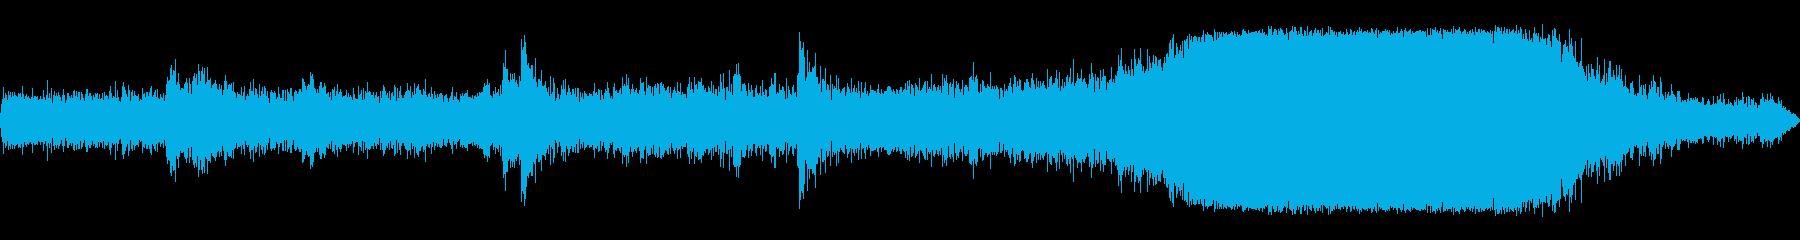 スチールミル、スチールファーネス、...の再生済みの波形